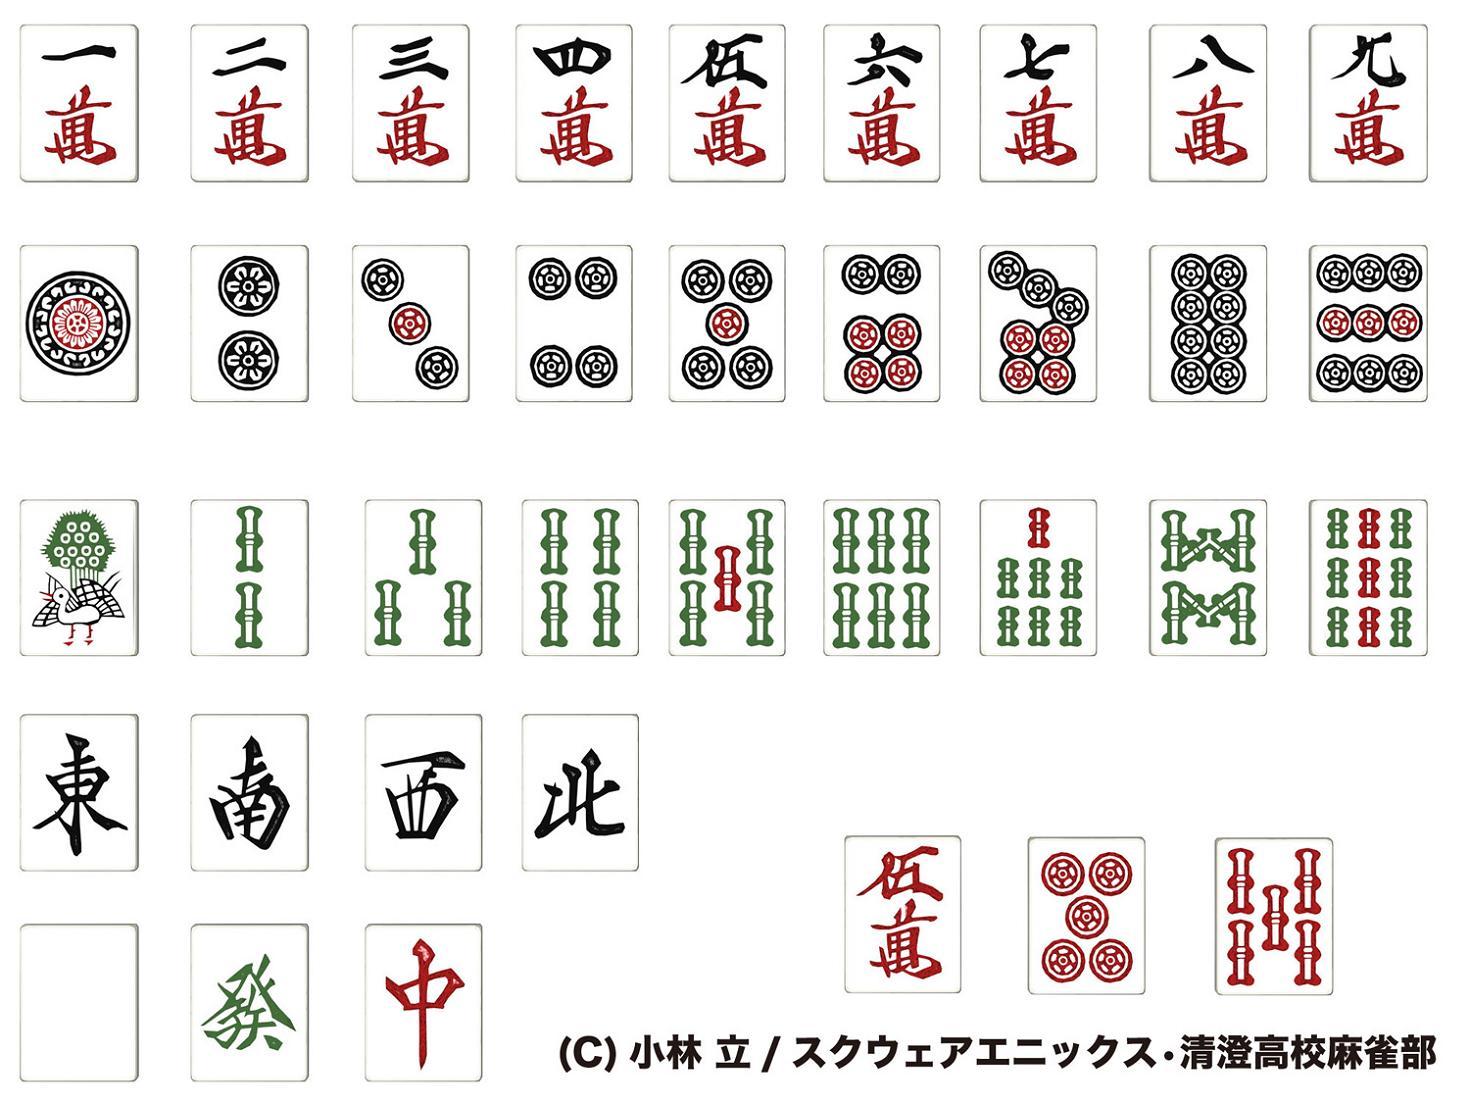 http://saki-anime.com/blog/img/janhai.jpg